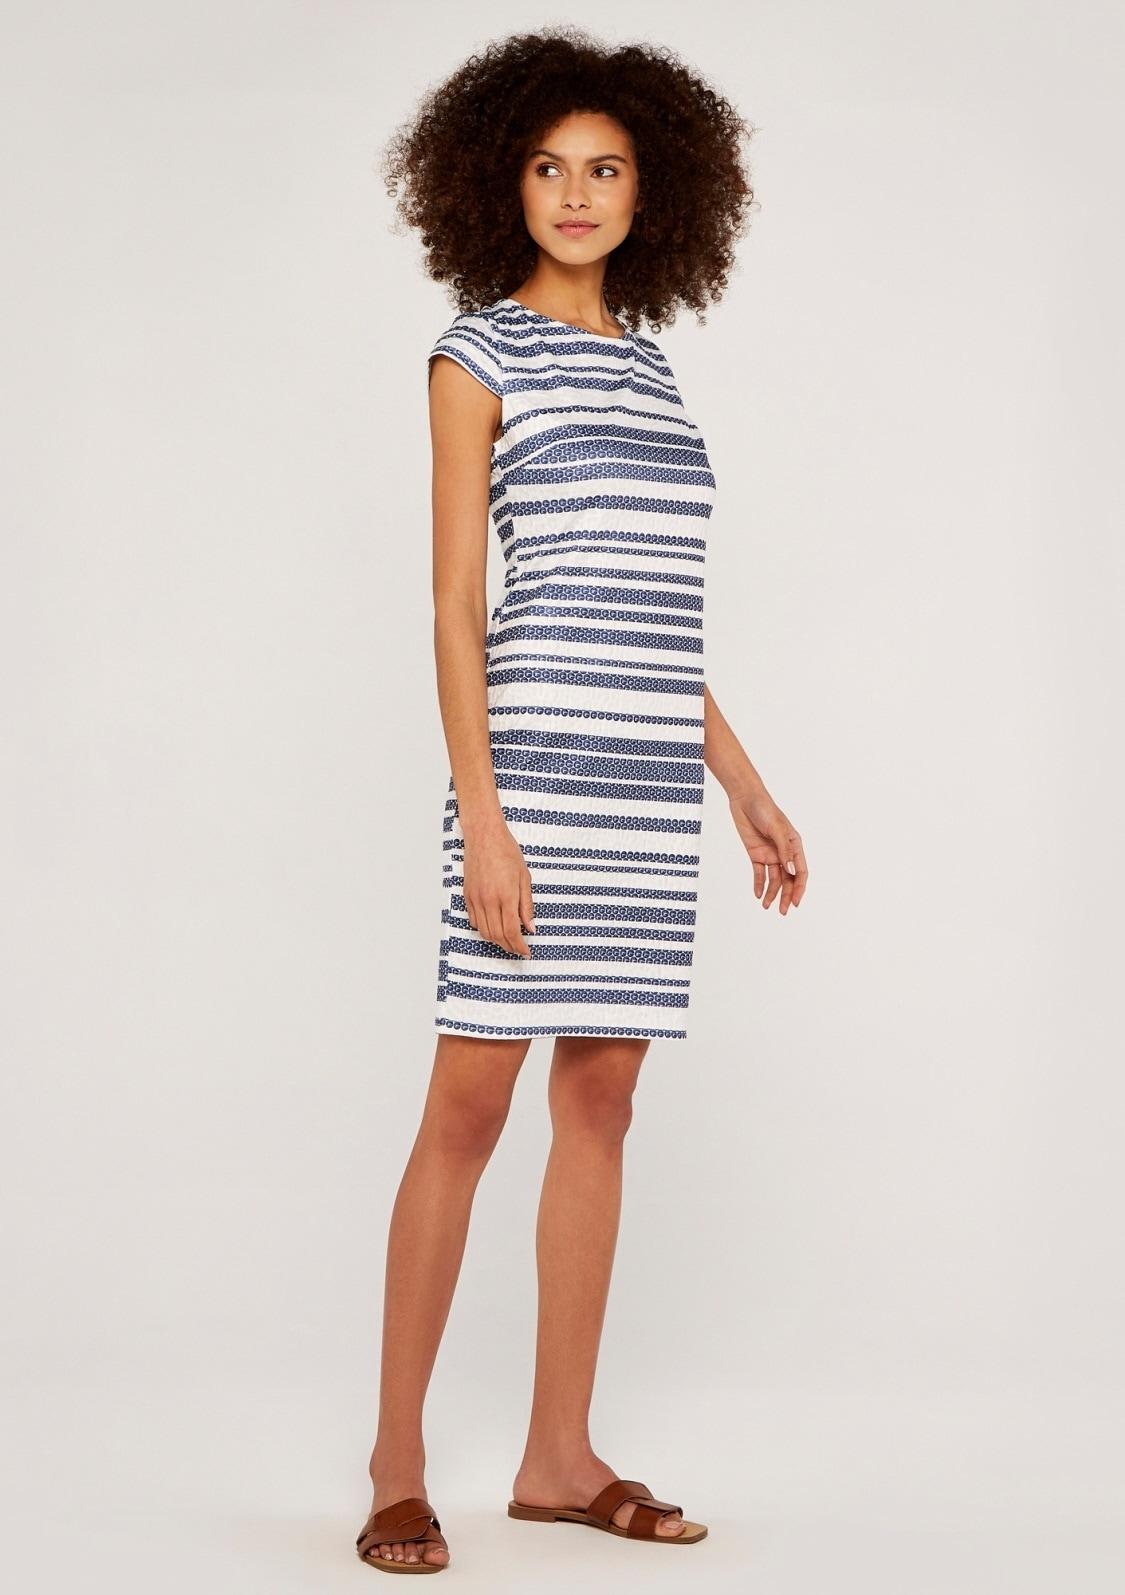 apricot -  Etuikleid Textured Stripe Bodycon Midi Dress, mit Streifen